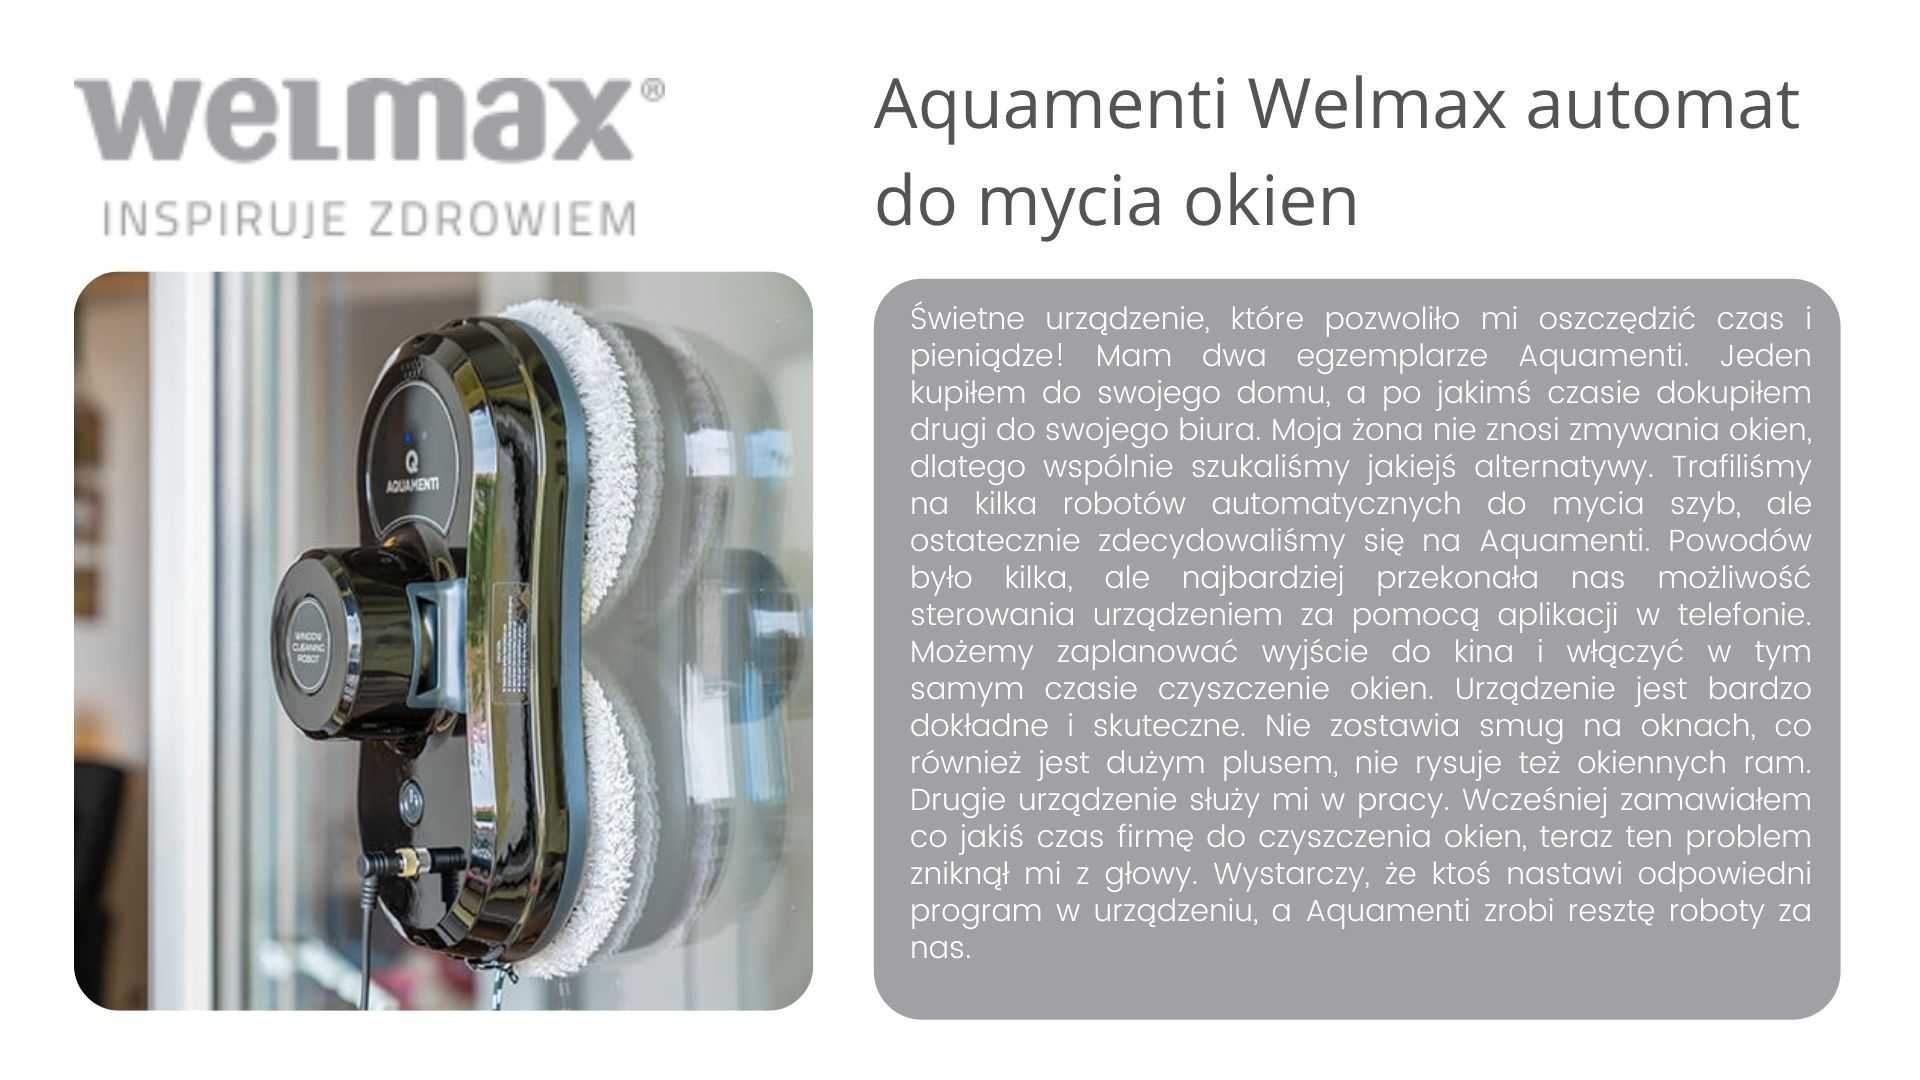 Aquamenti welmax opinie